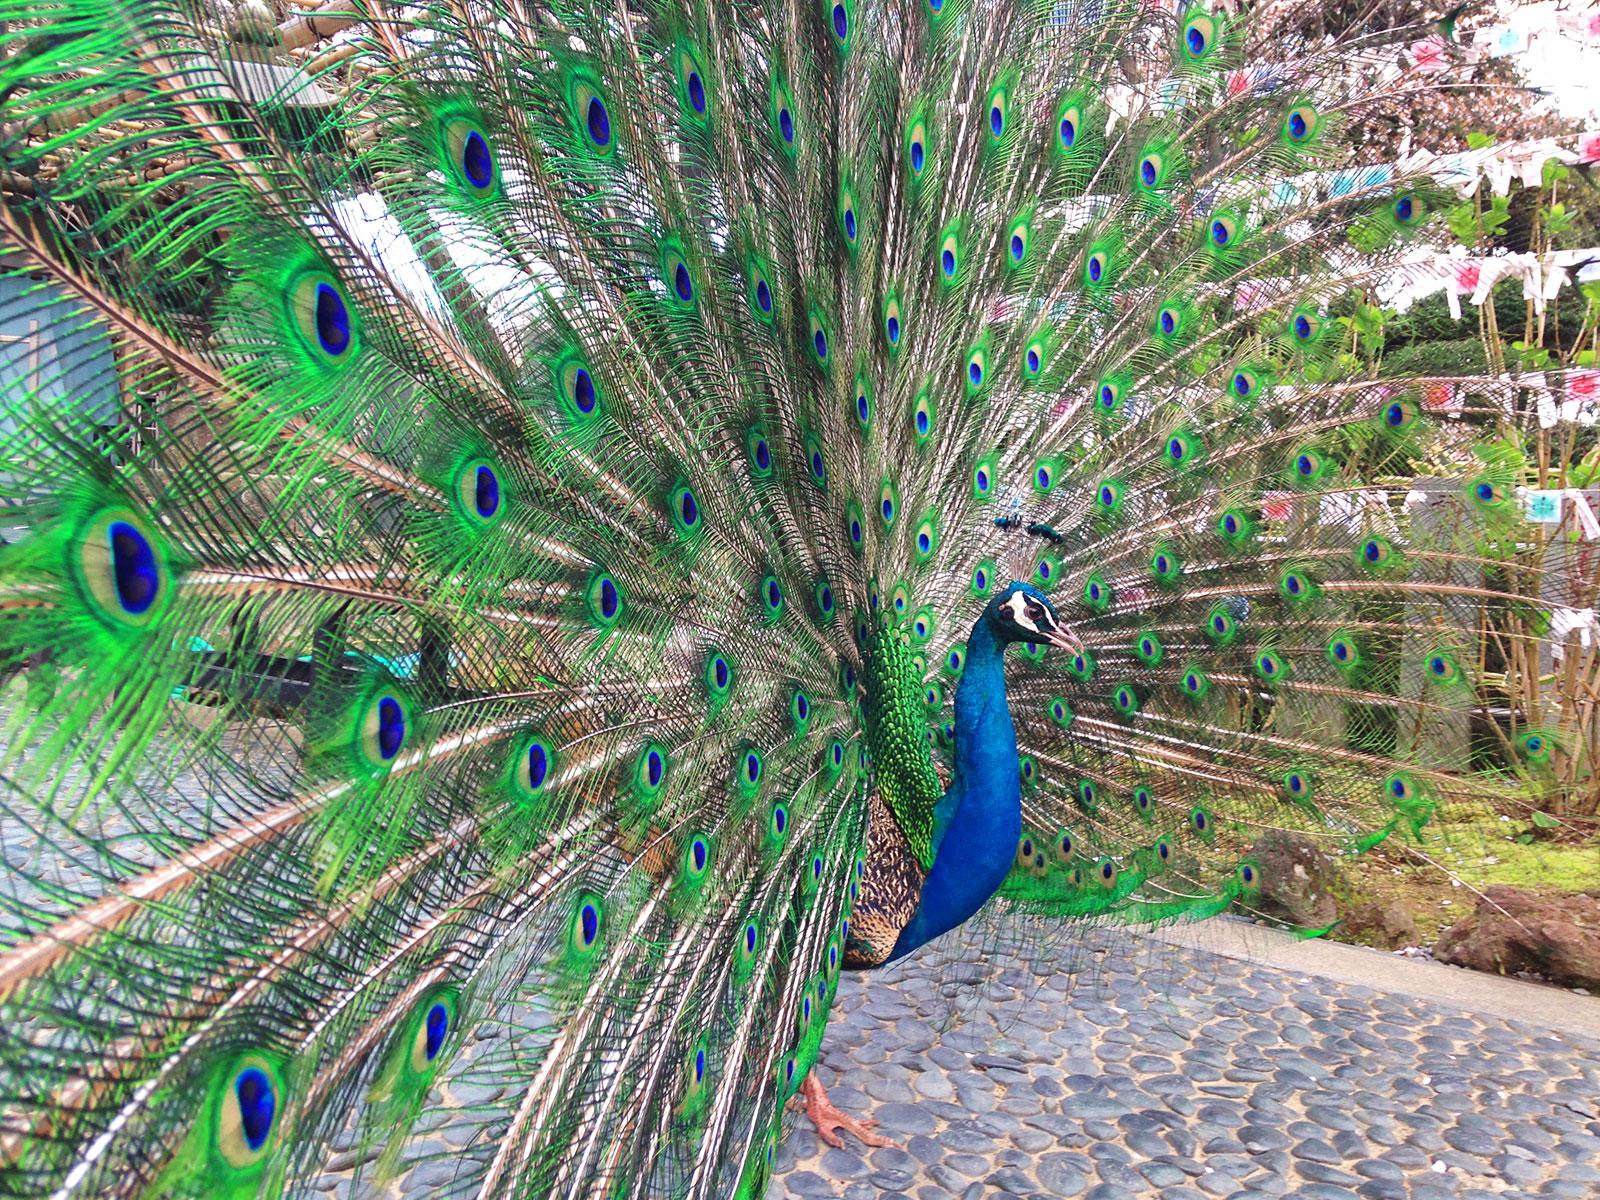 羽を広げる孔雀